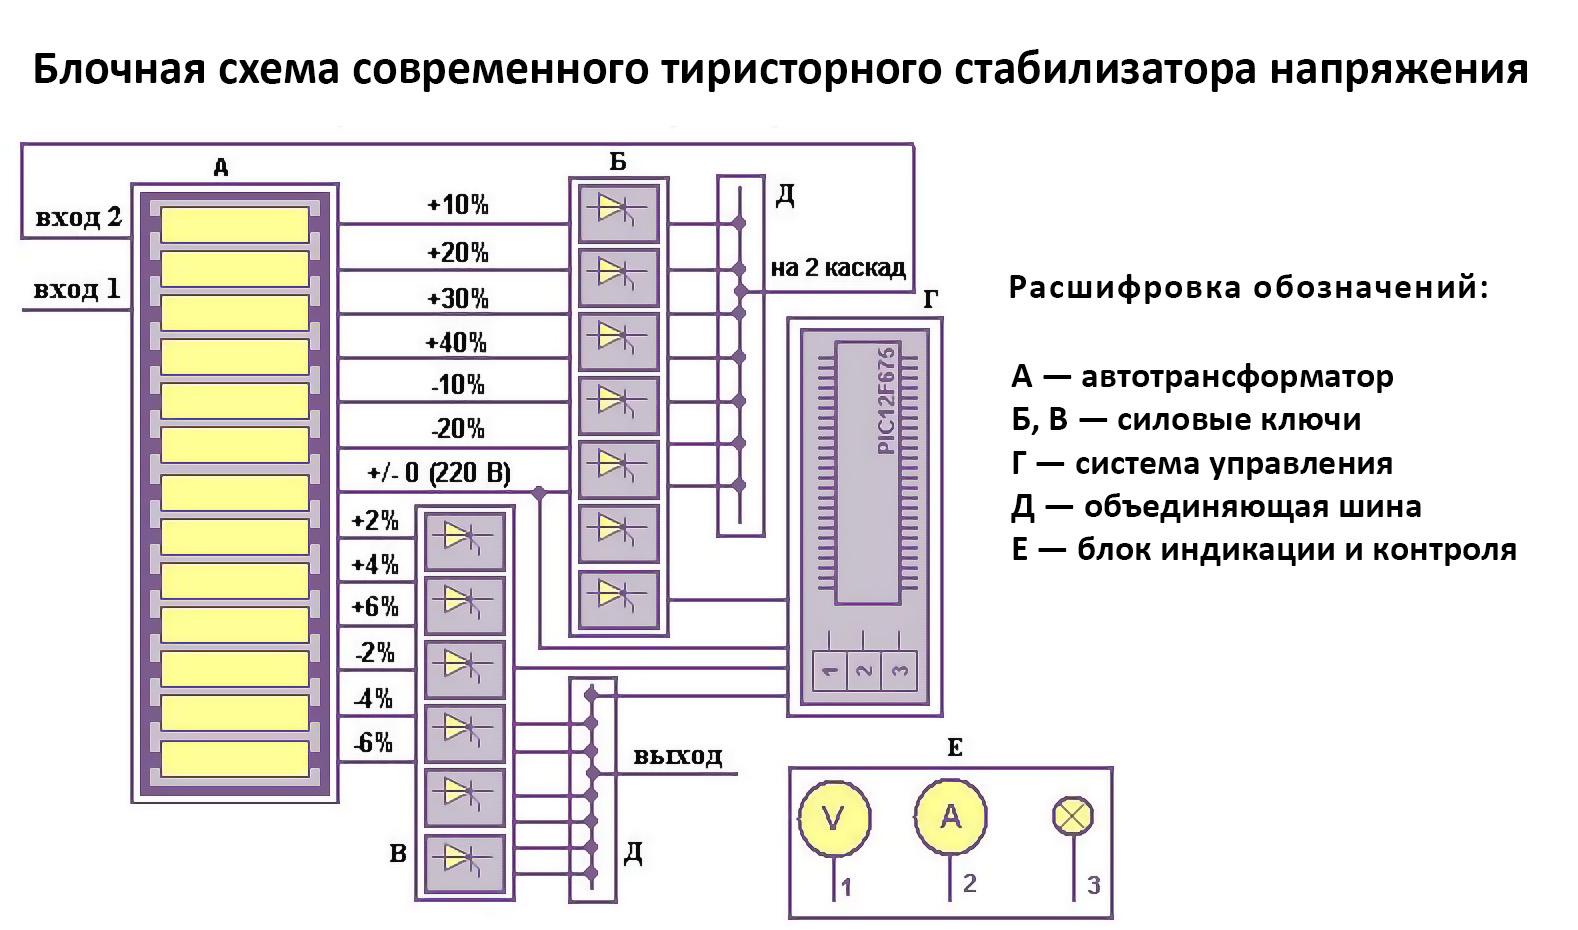 структурная схема электронного (тиристорного) стабилизатора